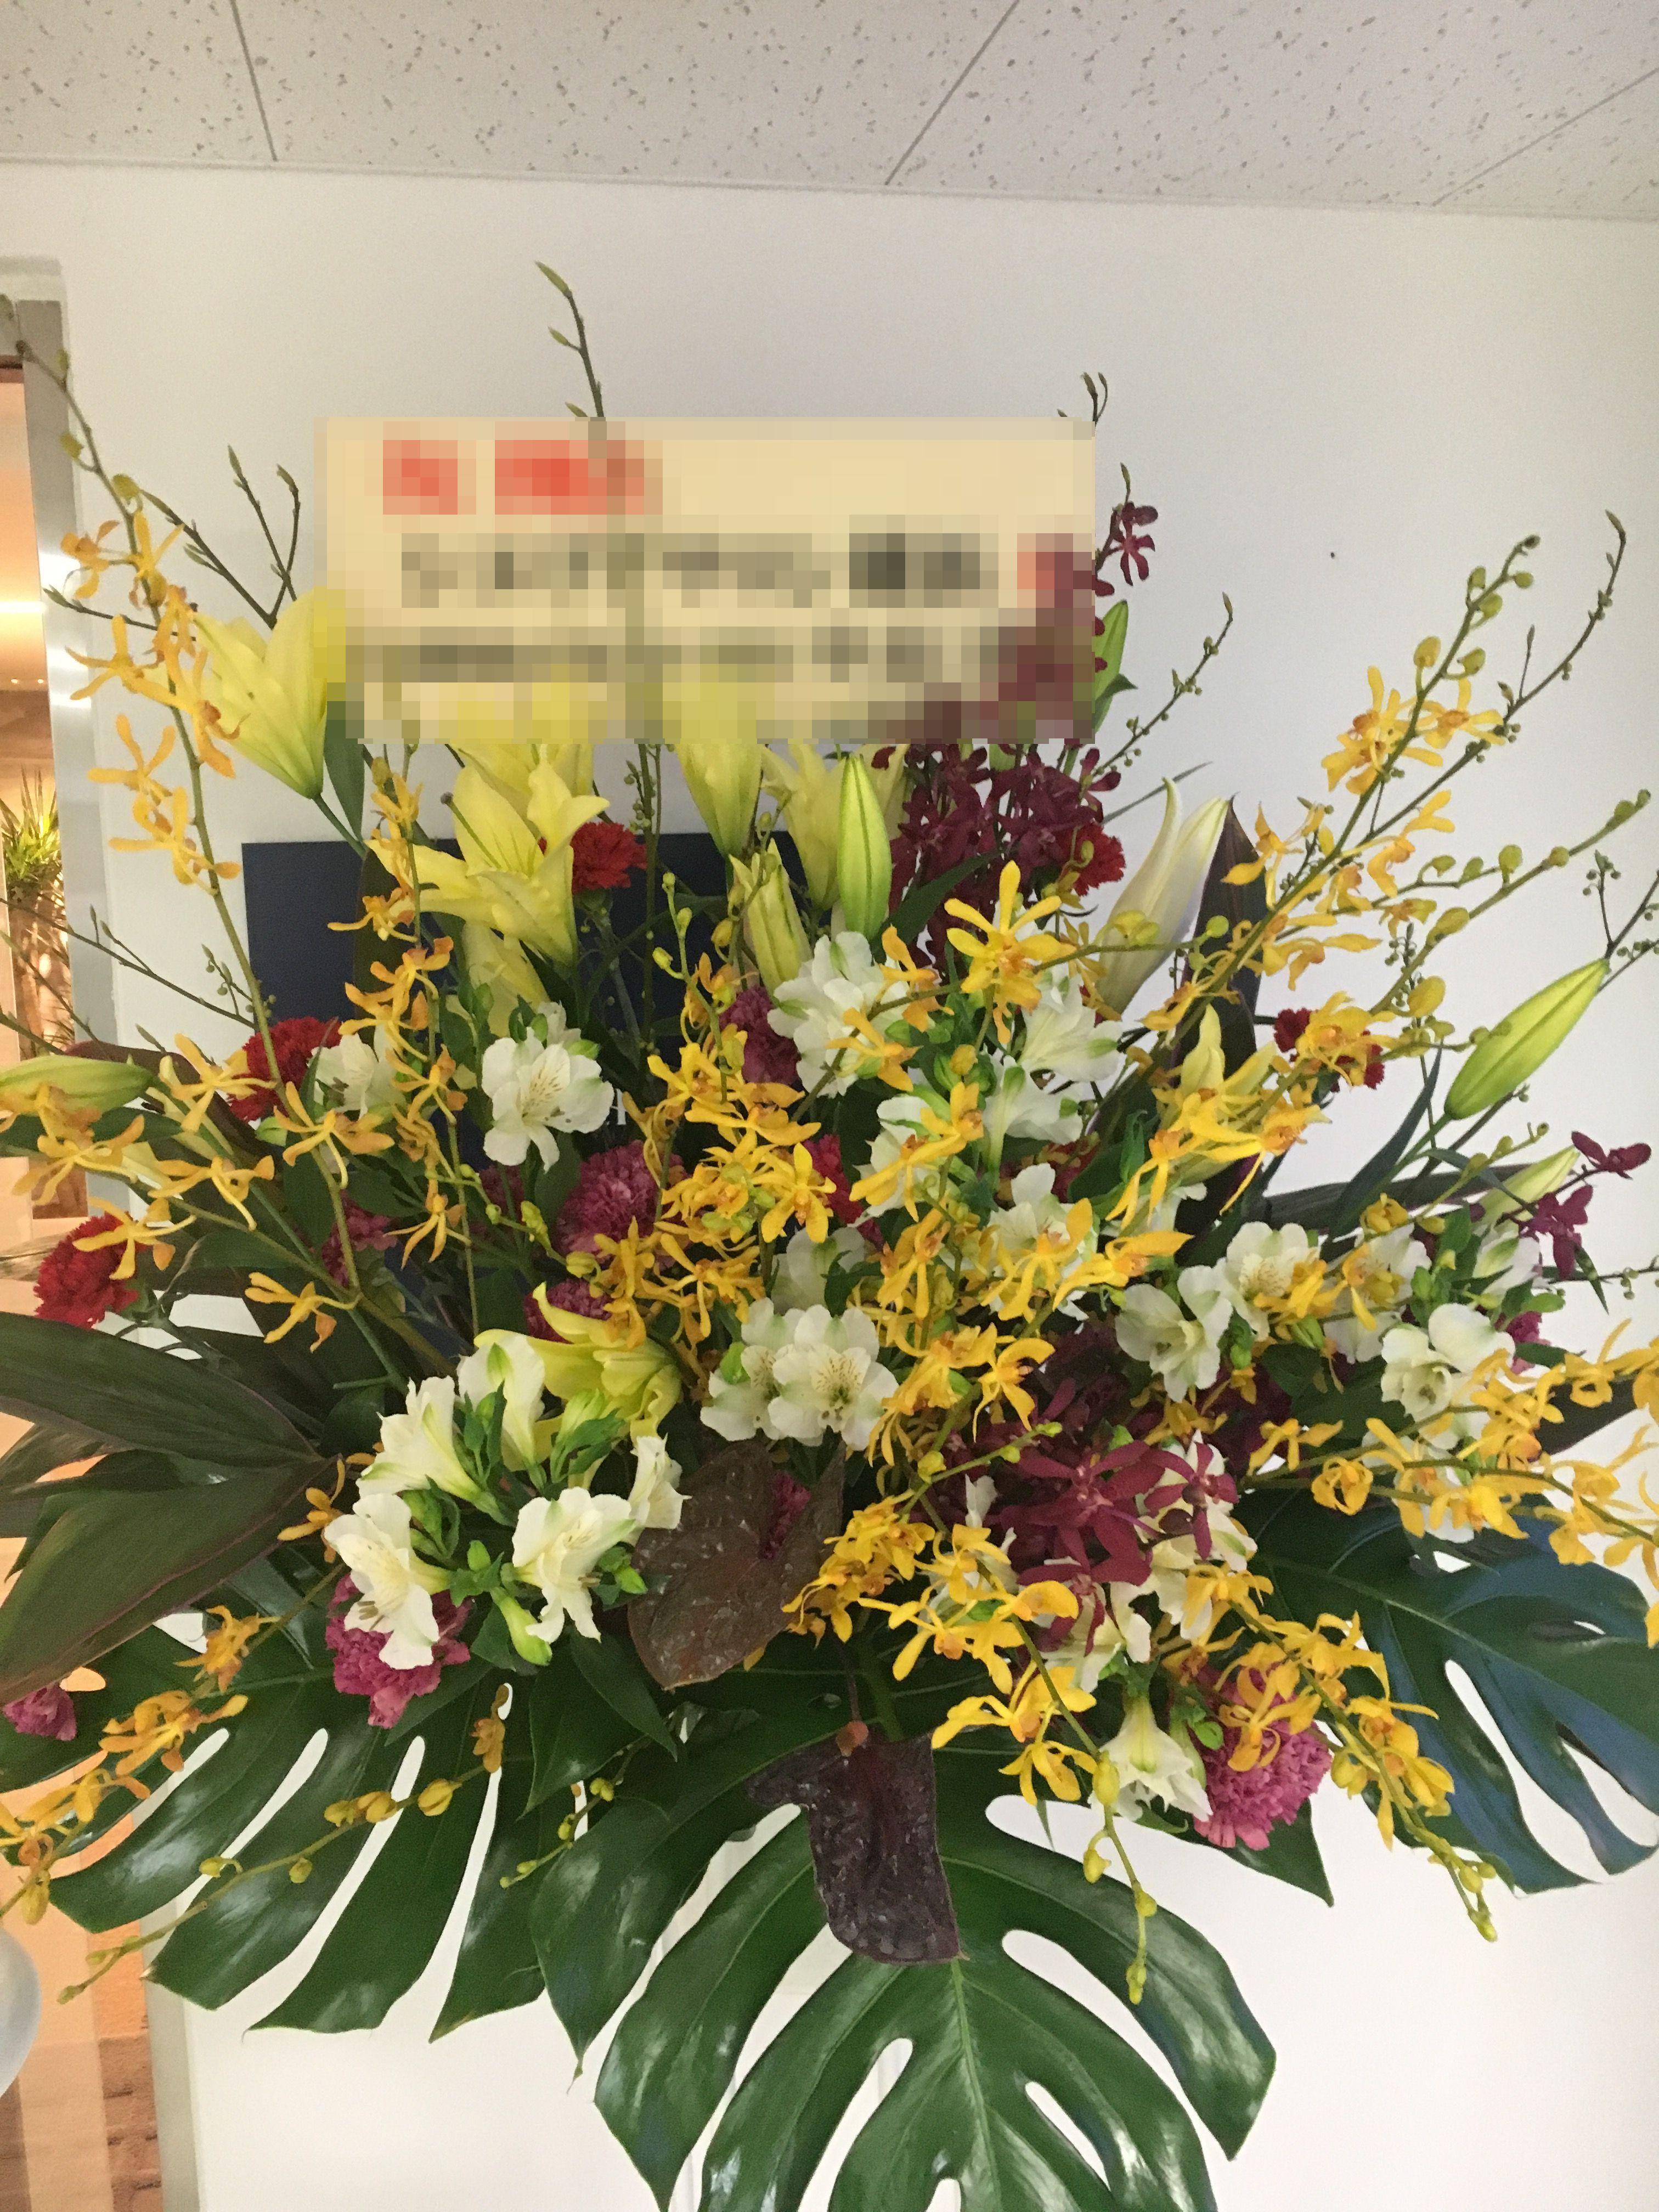 横浜ランドマークタワーへ花束を即日当日配達しました!【横浜花屋の花束・スタンド花・胡蝶蘭・バルーン・アレンジメント配達事例264】